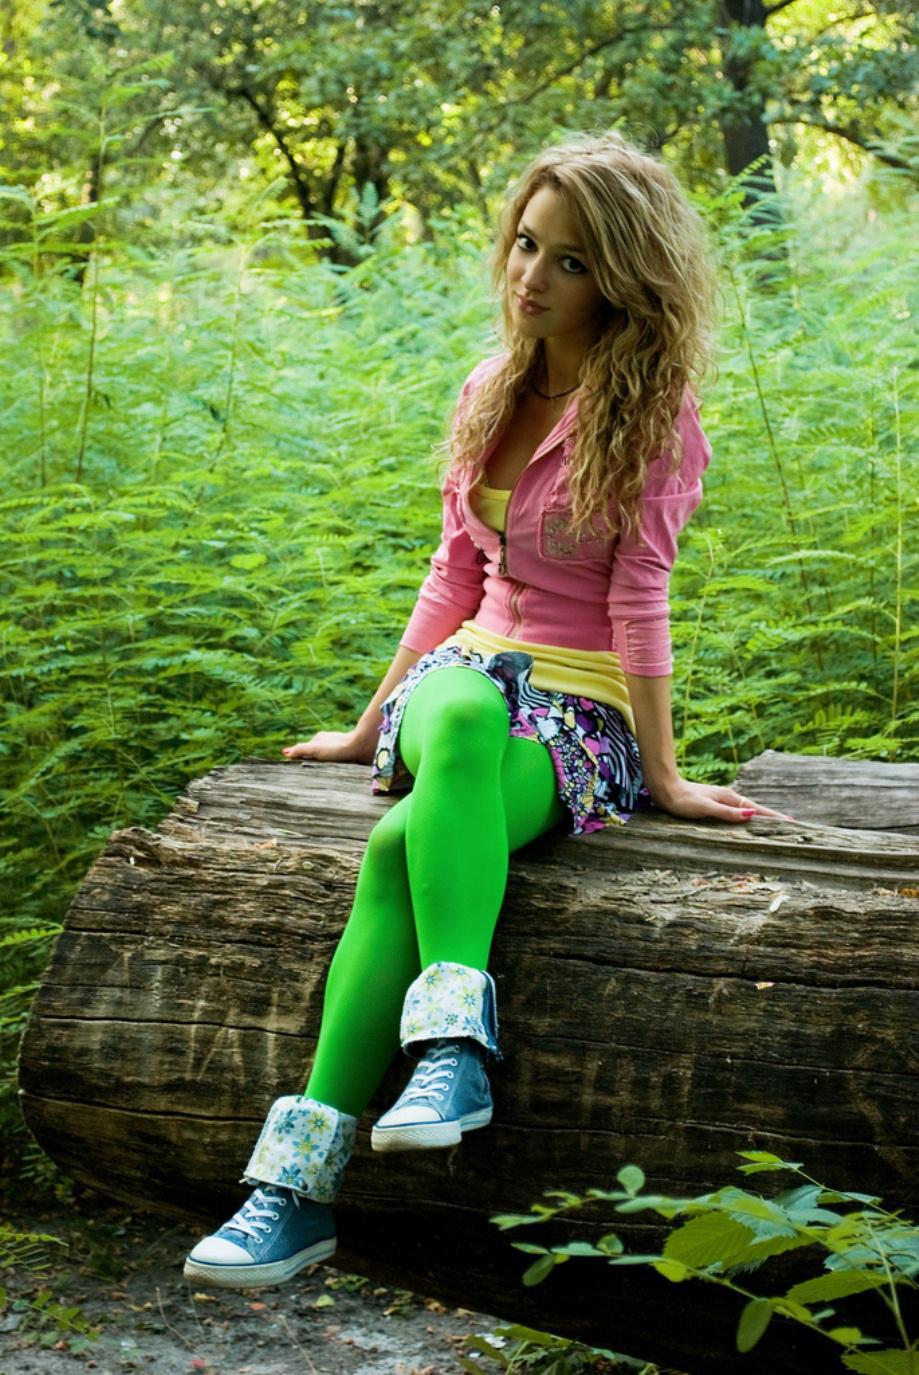 Красивые девушки BroDude.ru krasivie devushki 2066532057